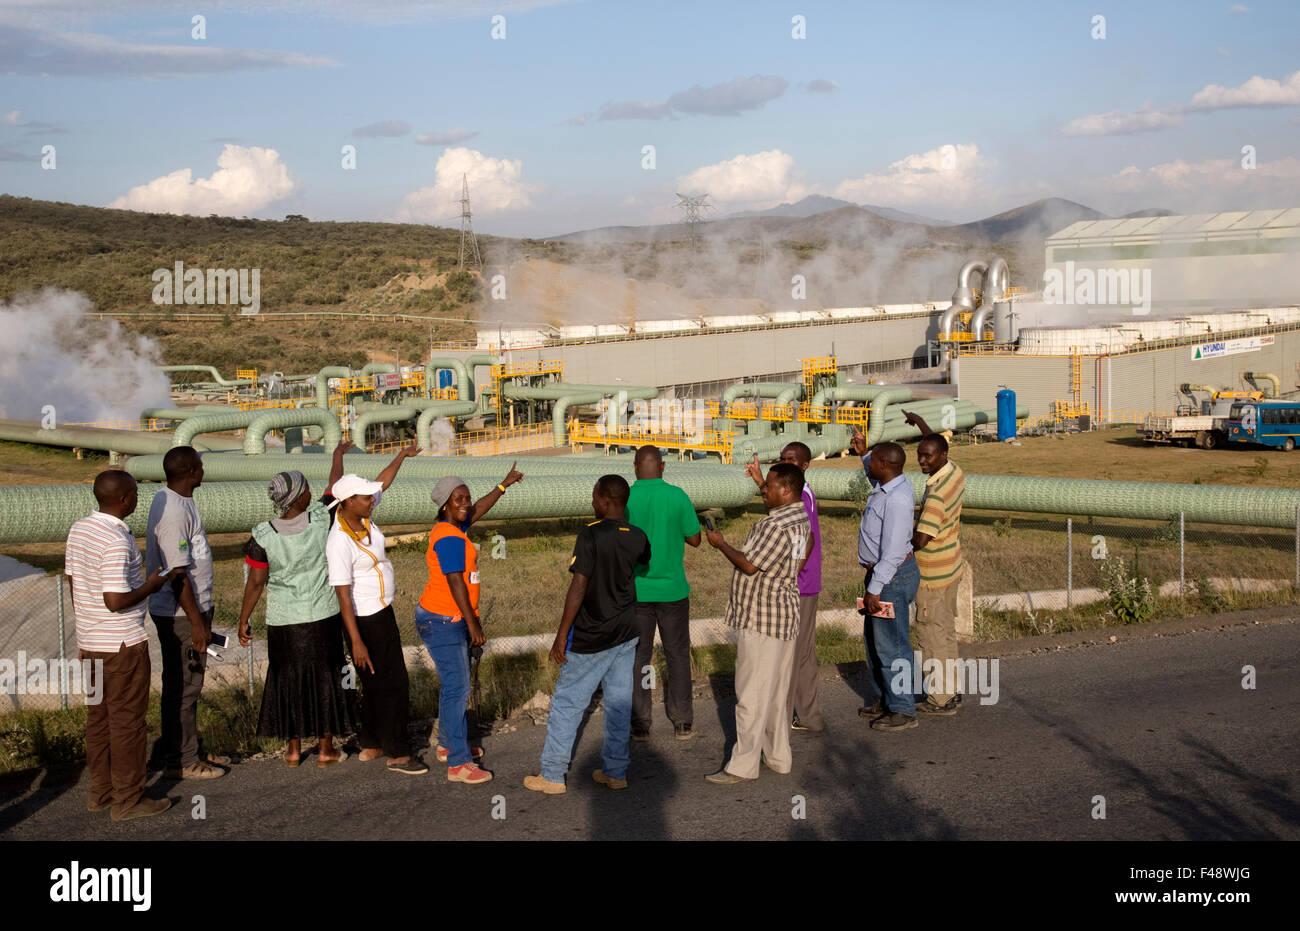 280MW d'énergie géothermique Olkaria Hell's Gate de l'usine de la vallée du Rift au Kenya Photo Stock